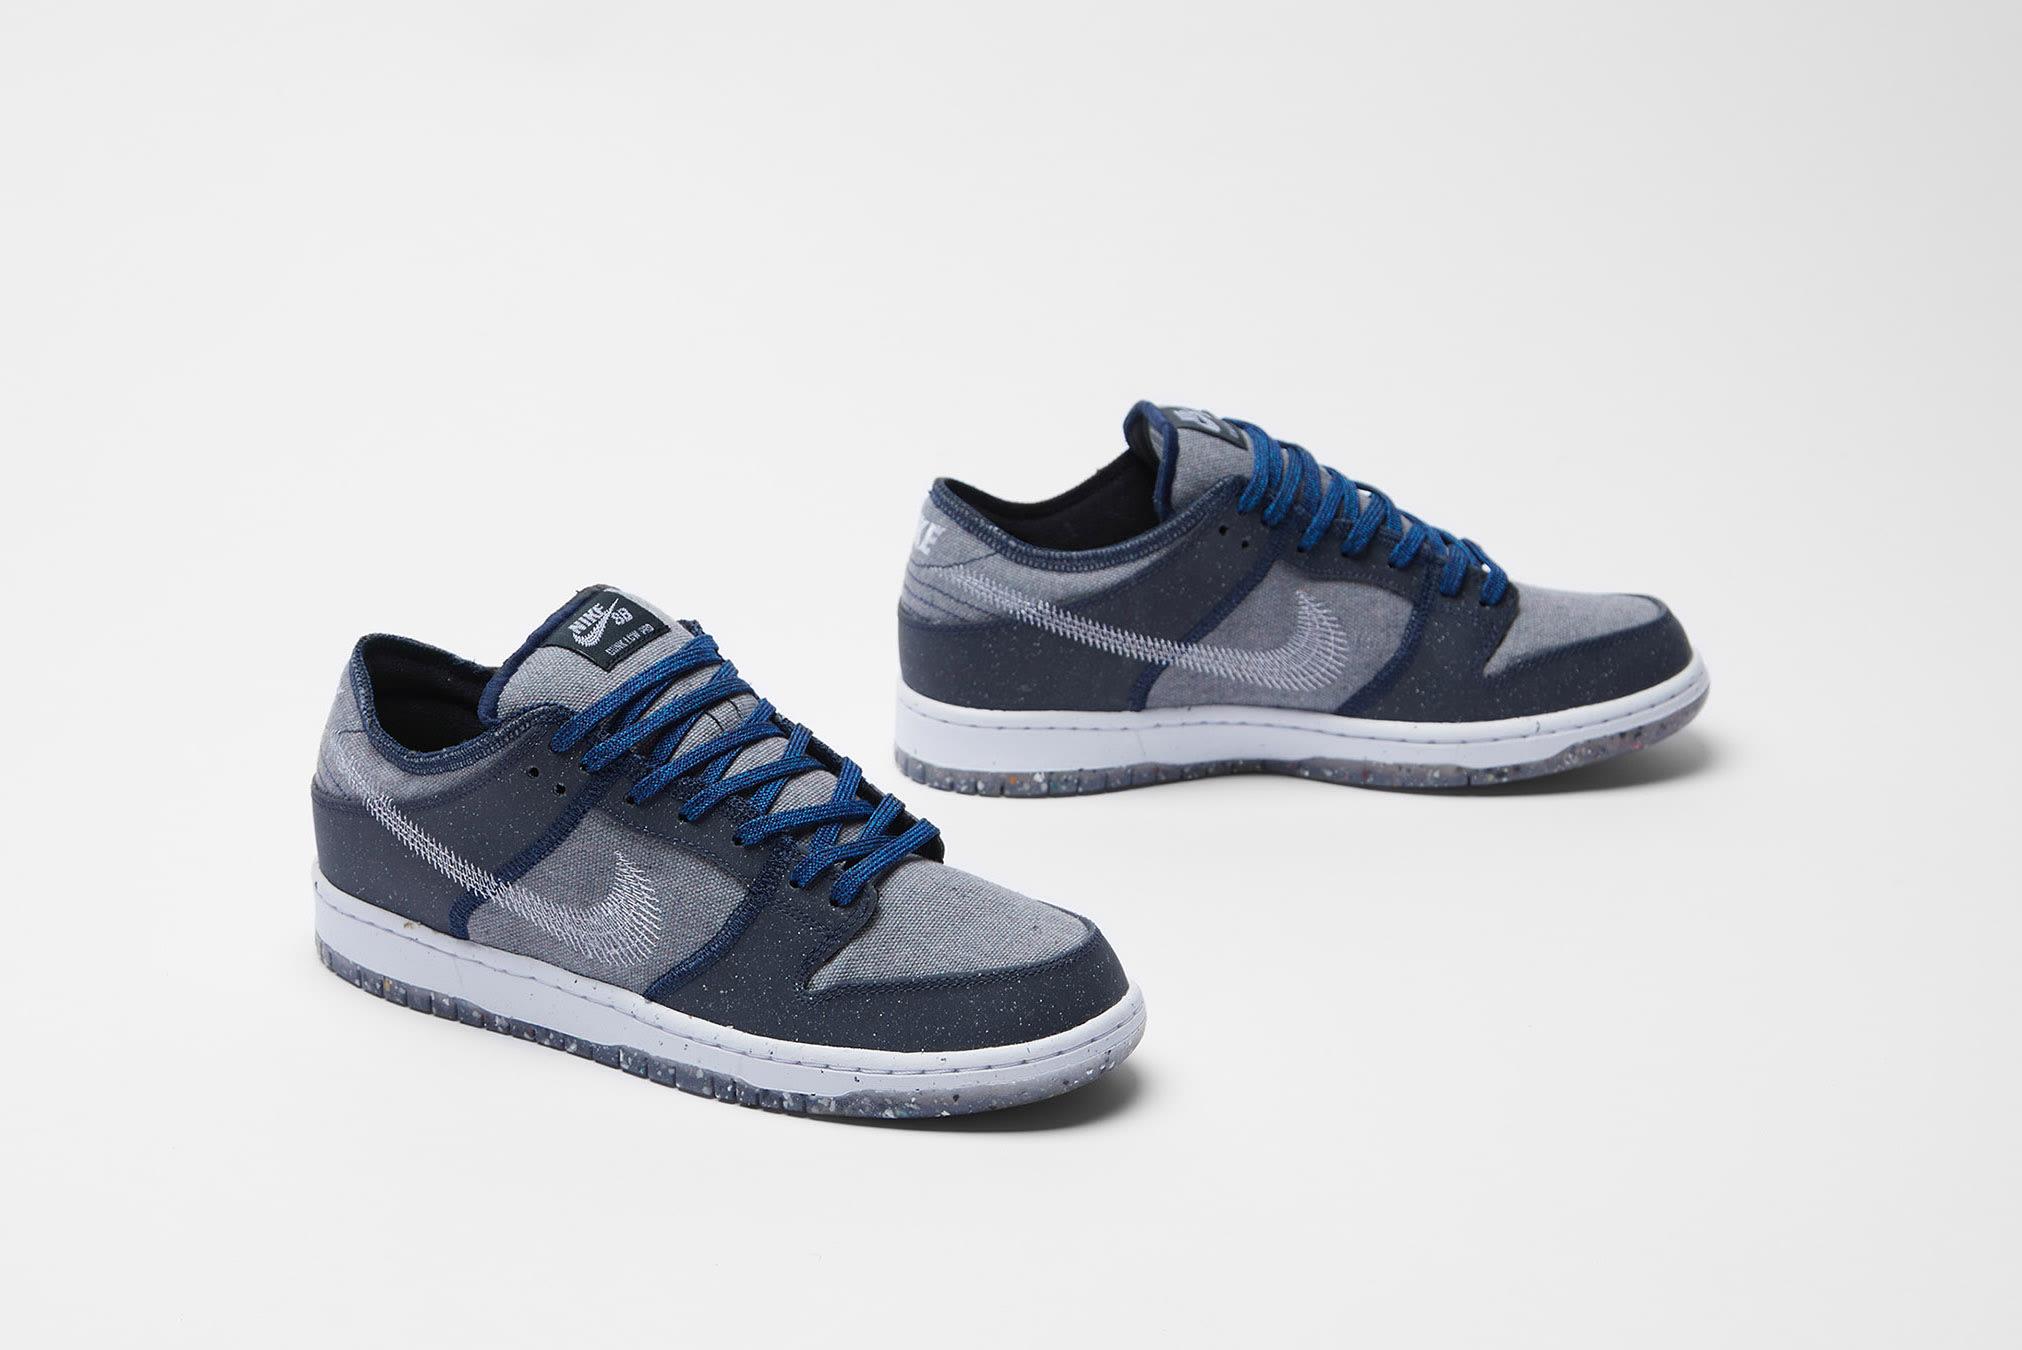 Nike SB Dunk Low Pro E - CT2224-001